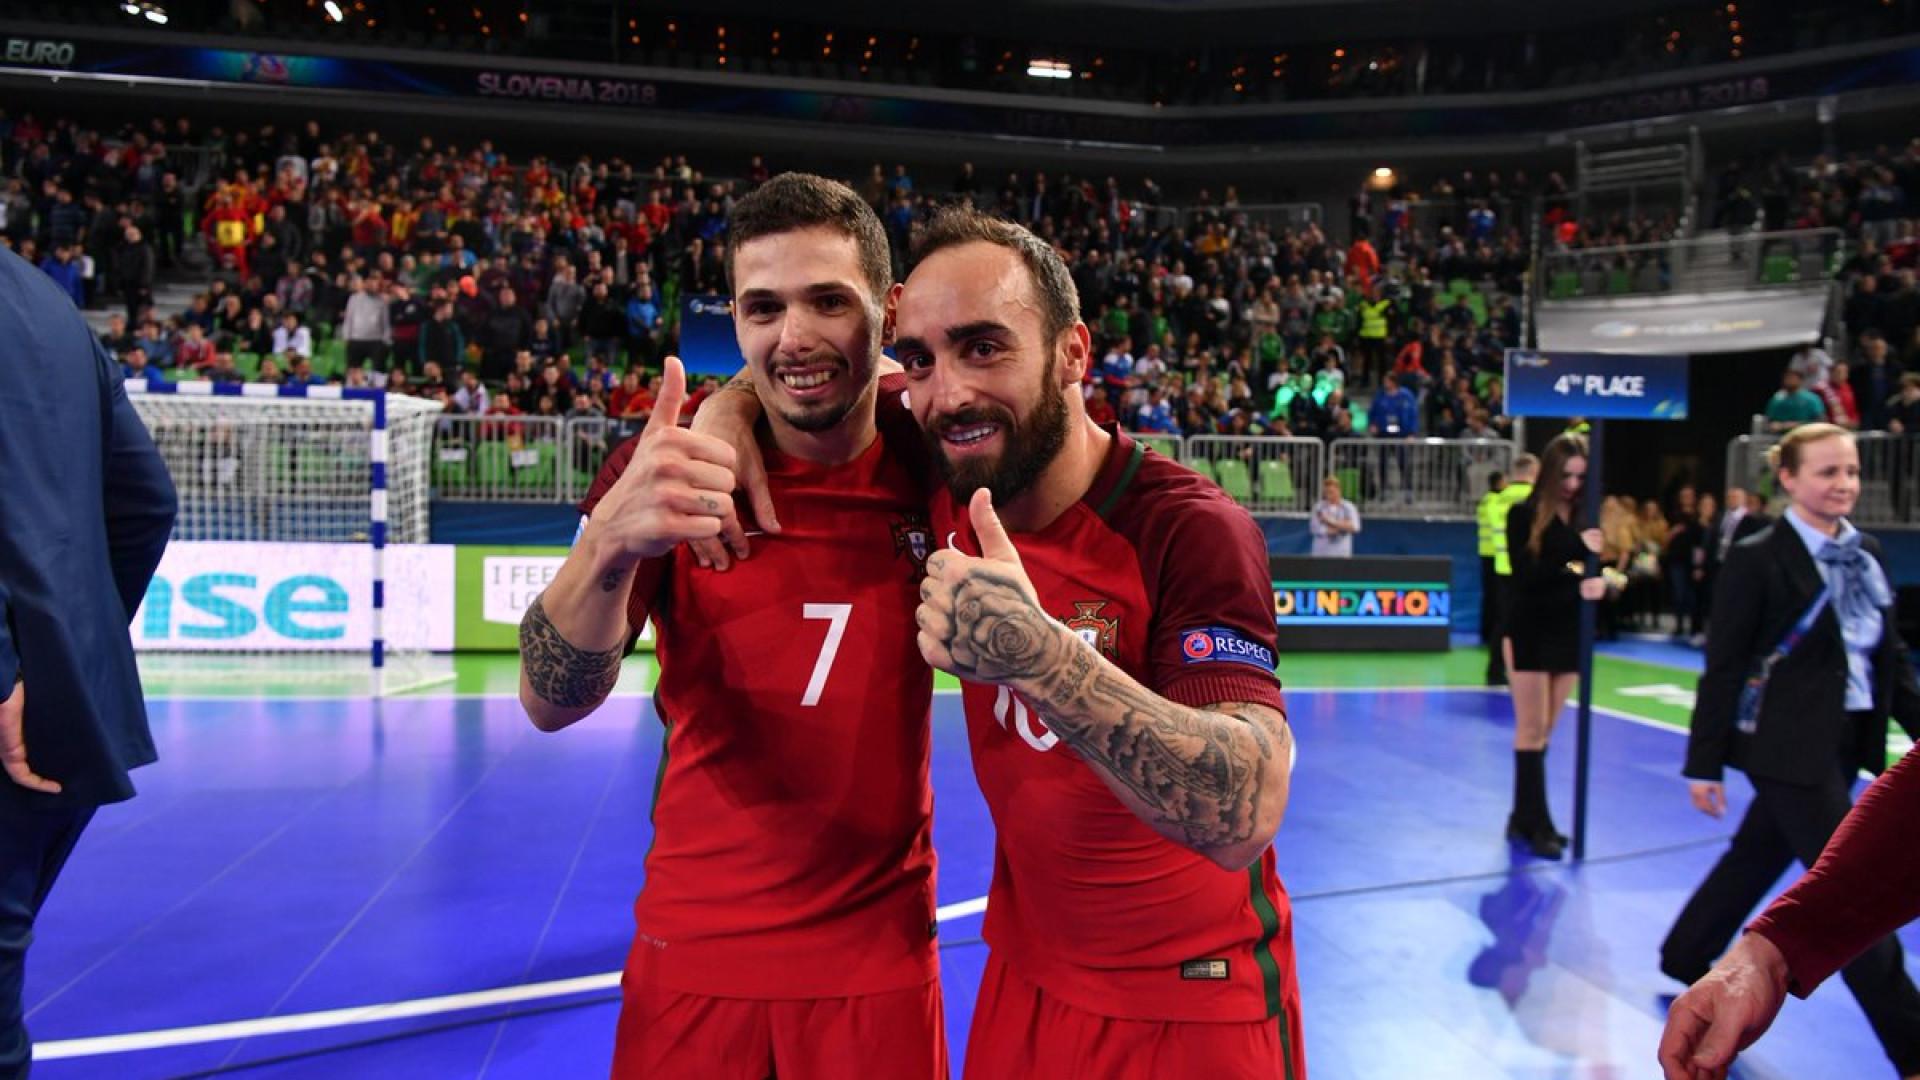 Eis o cinco ideal do UEFA Euro'2018